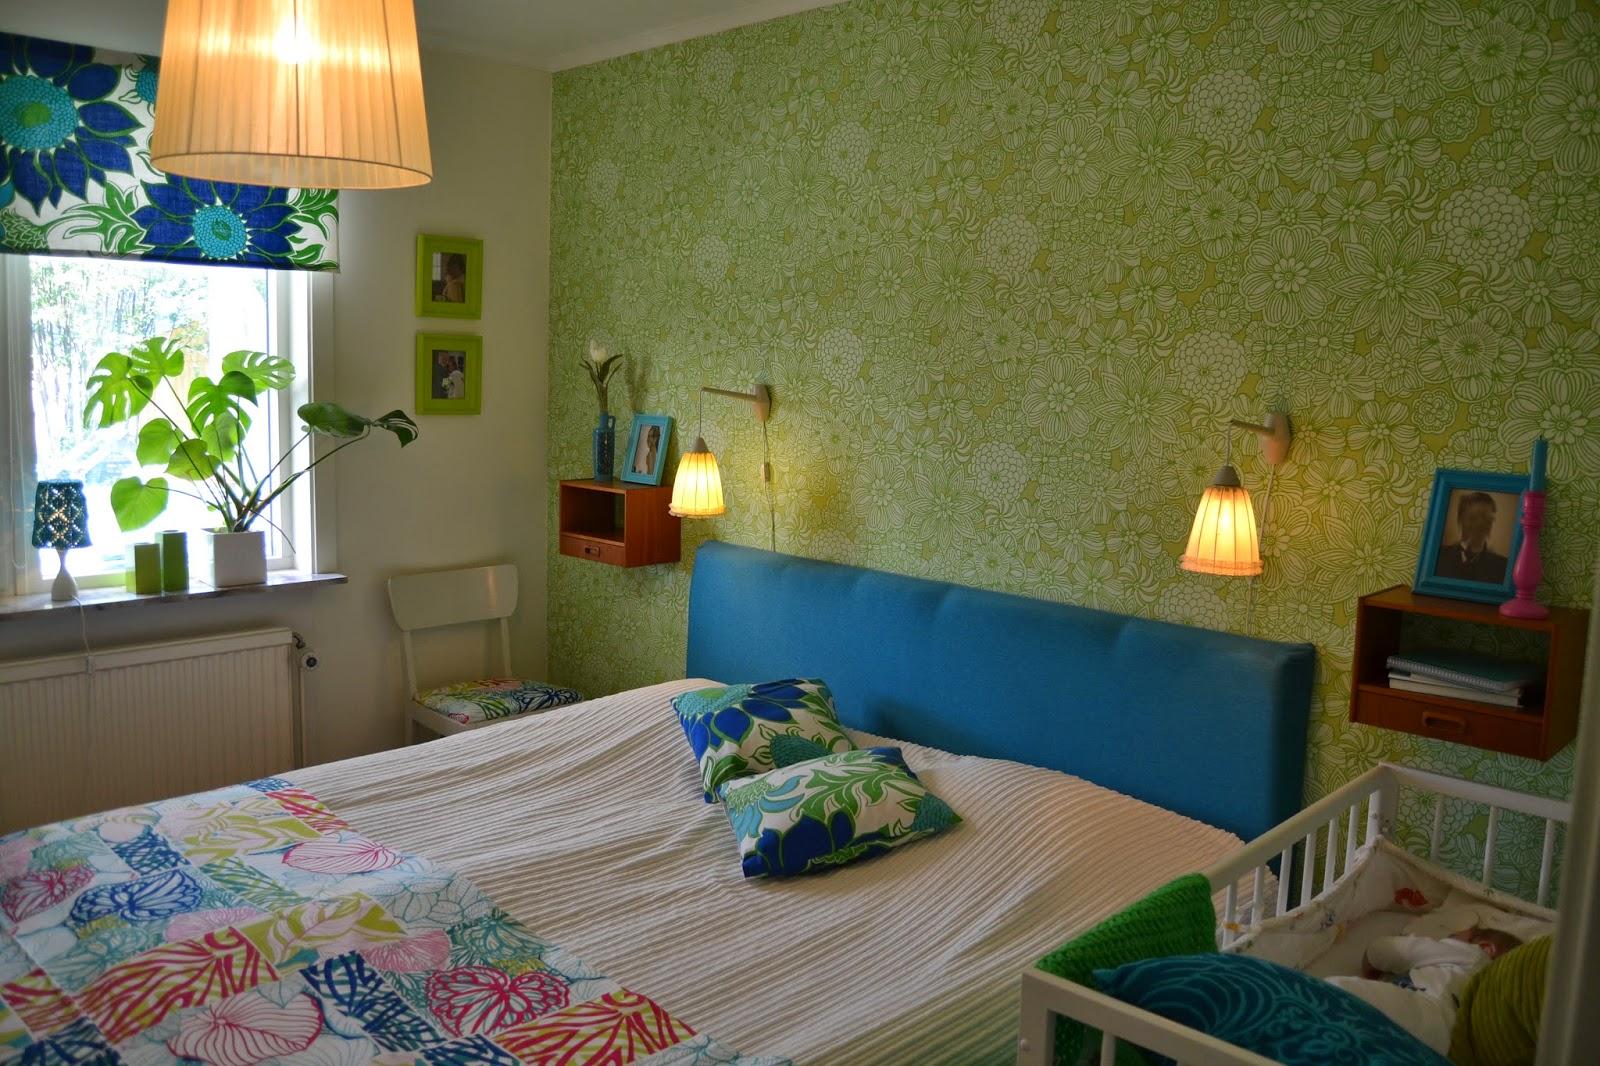 Välkommen till turkosare land: rofyllt färgglatt sovrum